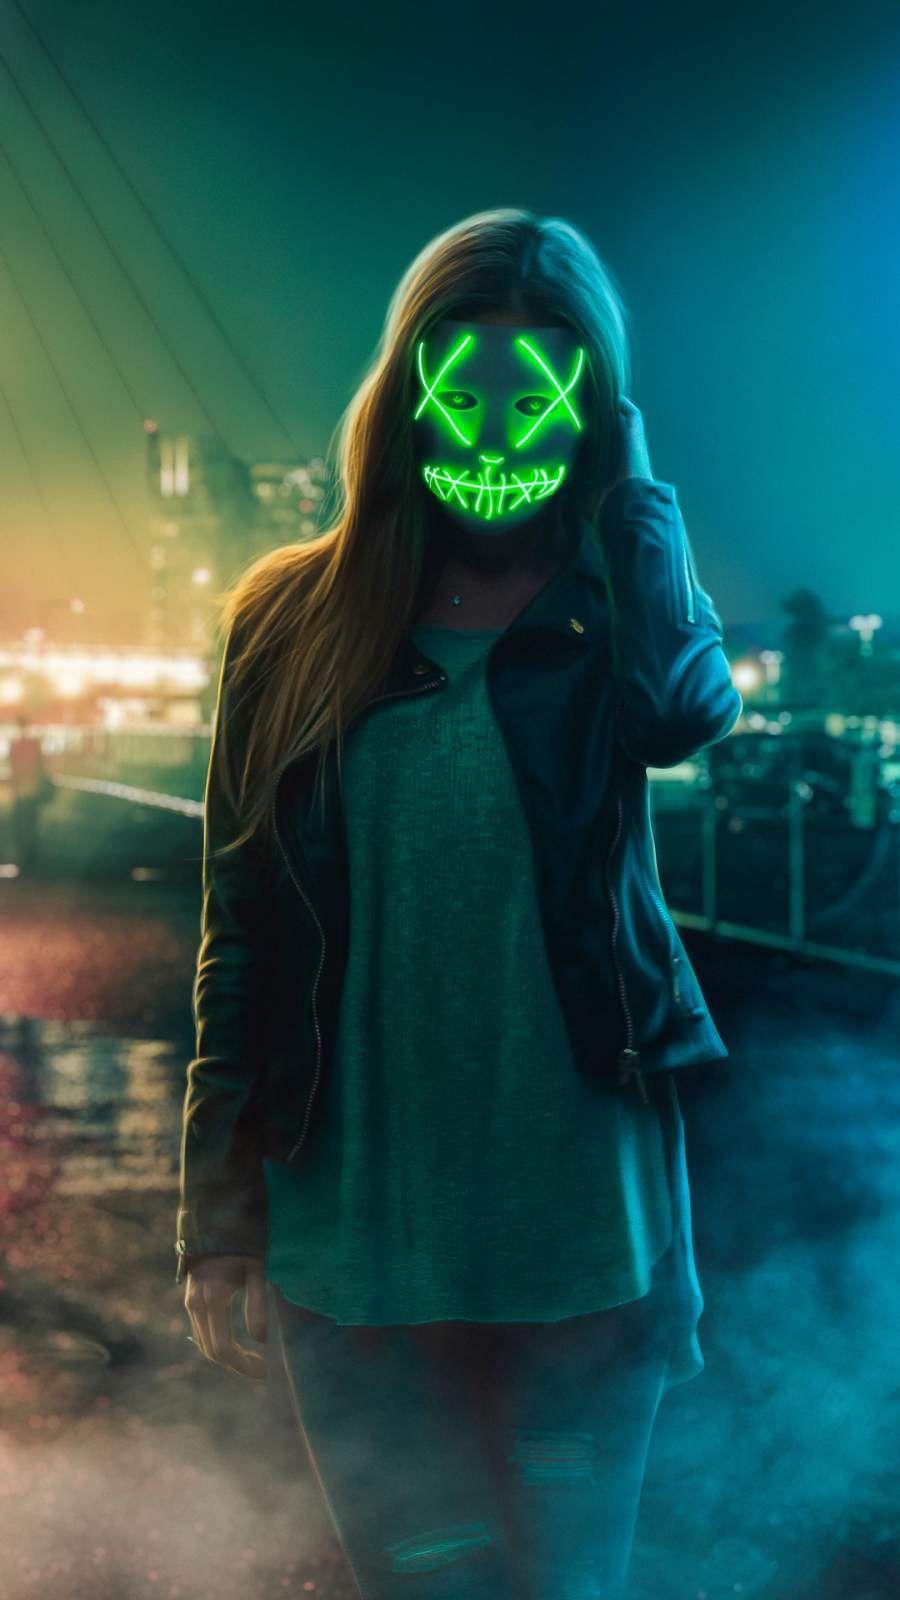 Neon Eye Mask Girl Iphone Wallpaper Girl Iphone Wallpaper Mask Girl Joker Iphone Wallpaper